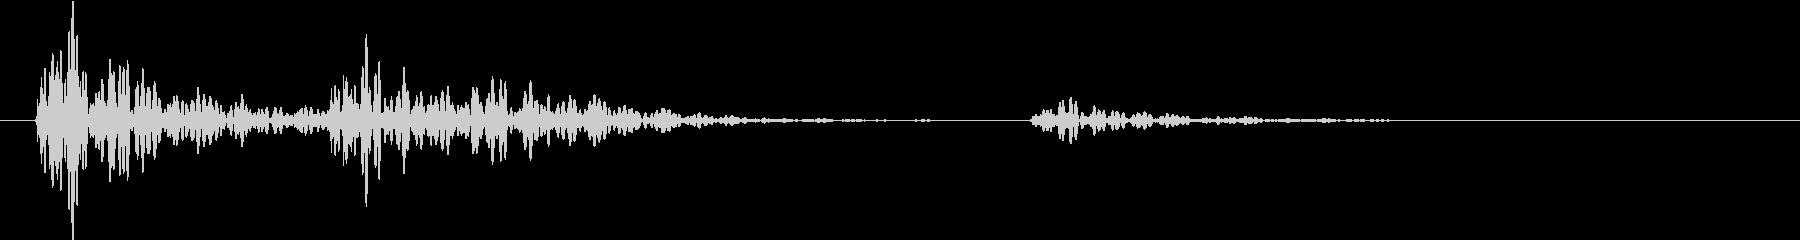 【生録音】お茶碗をテーブルに置く音 3の未再生の波形